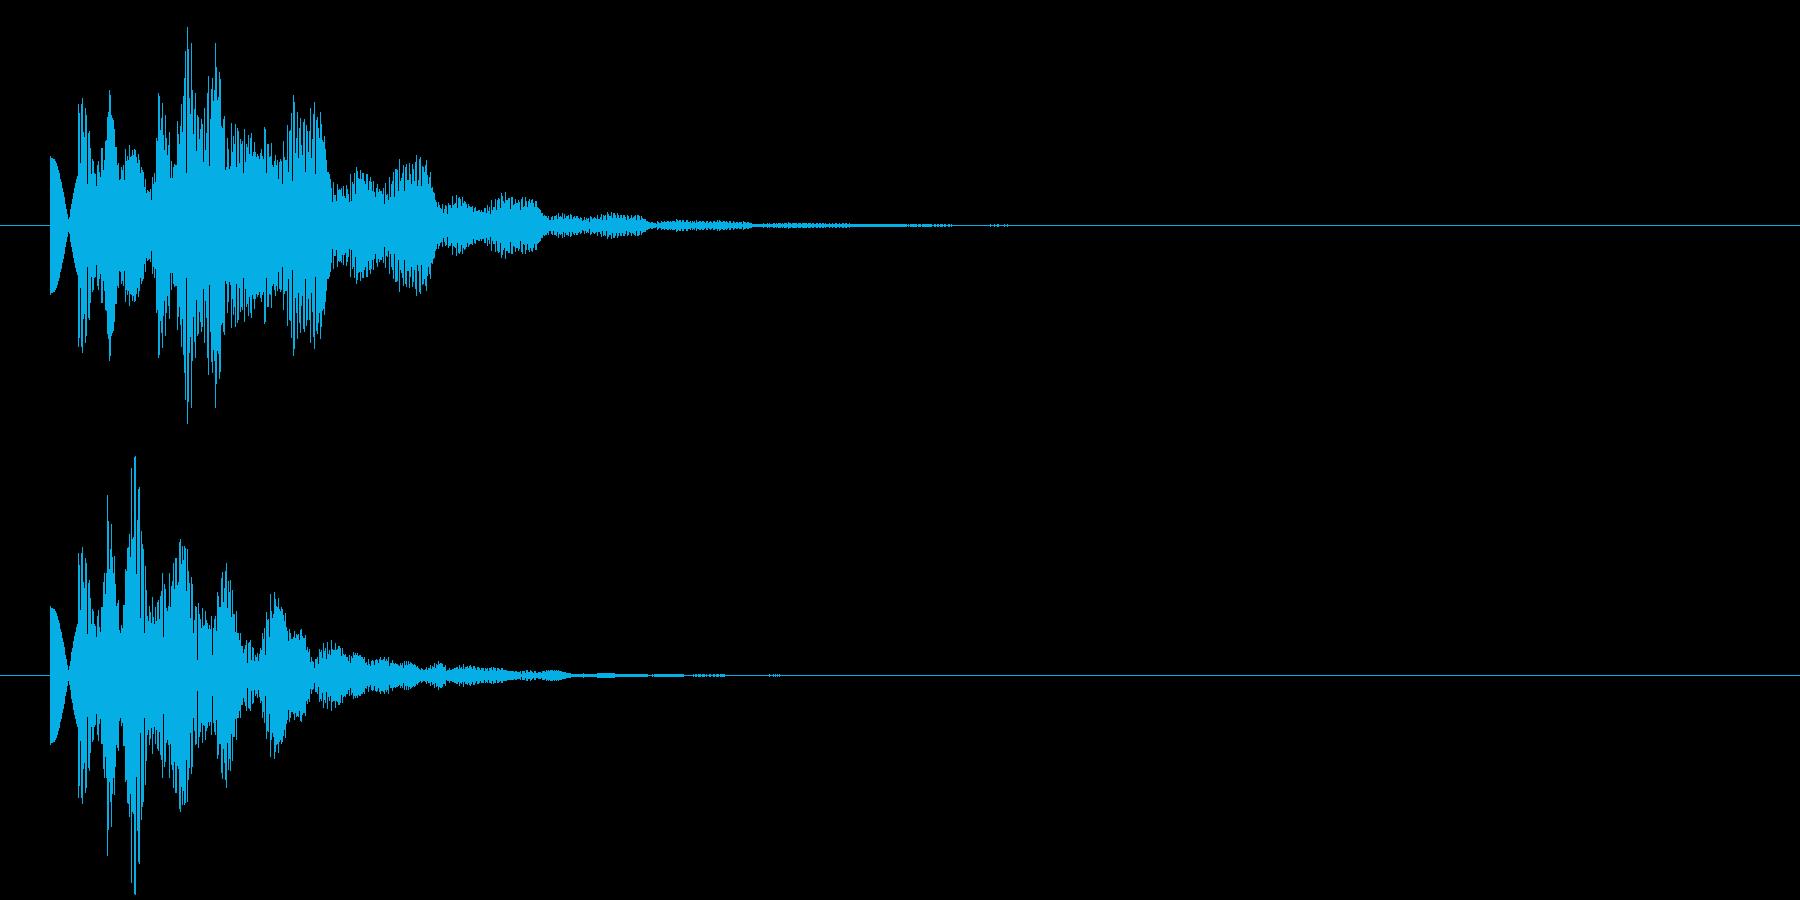 タラン1 情報 ゲット 発見 明るすぎずの再生済みの波形